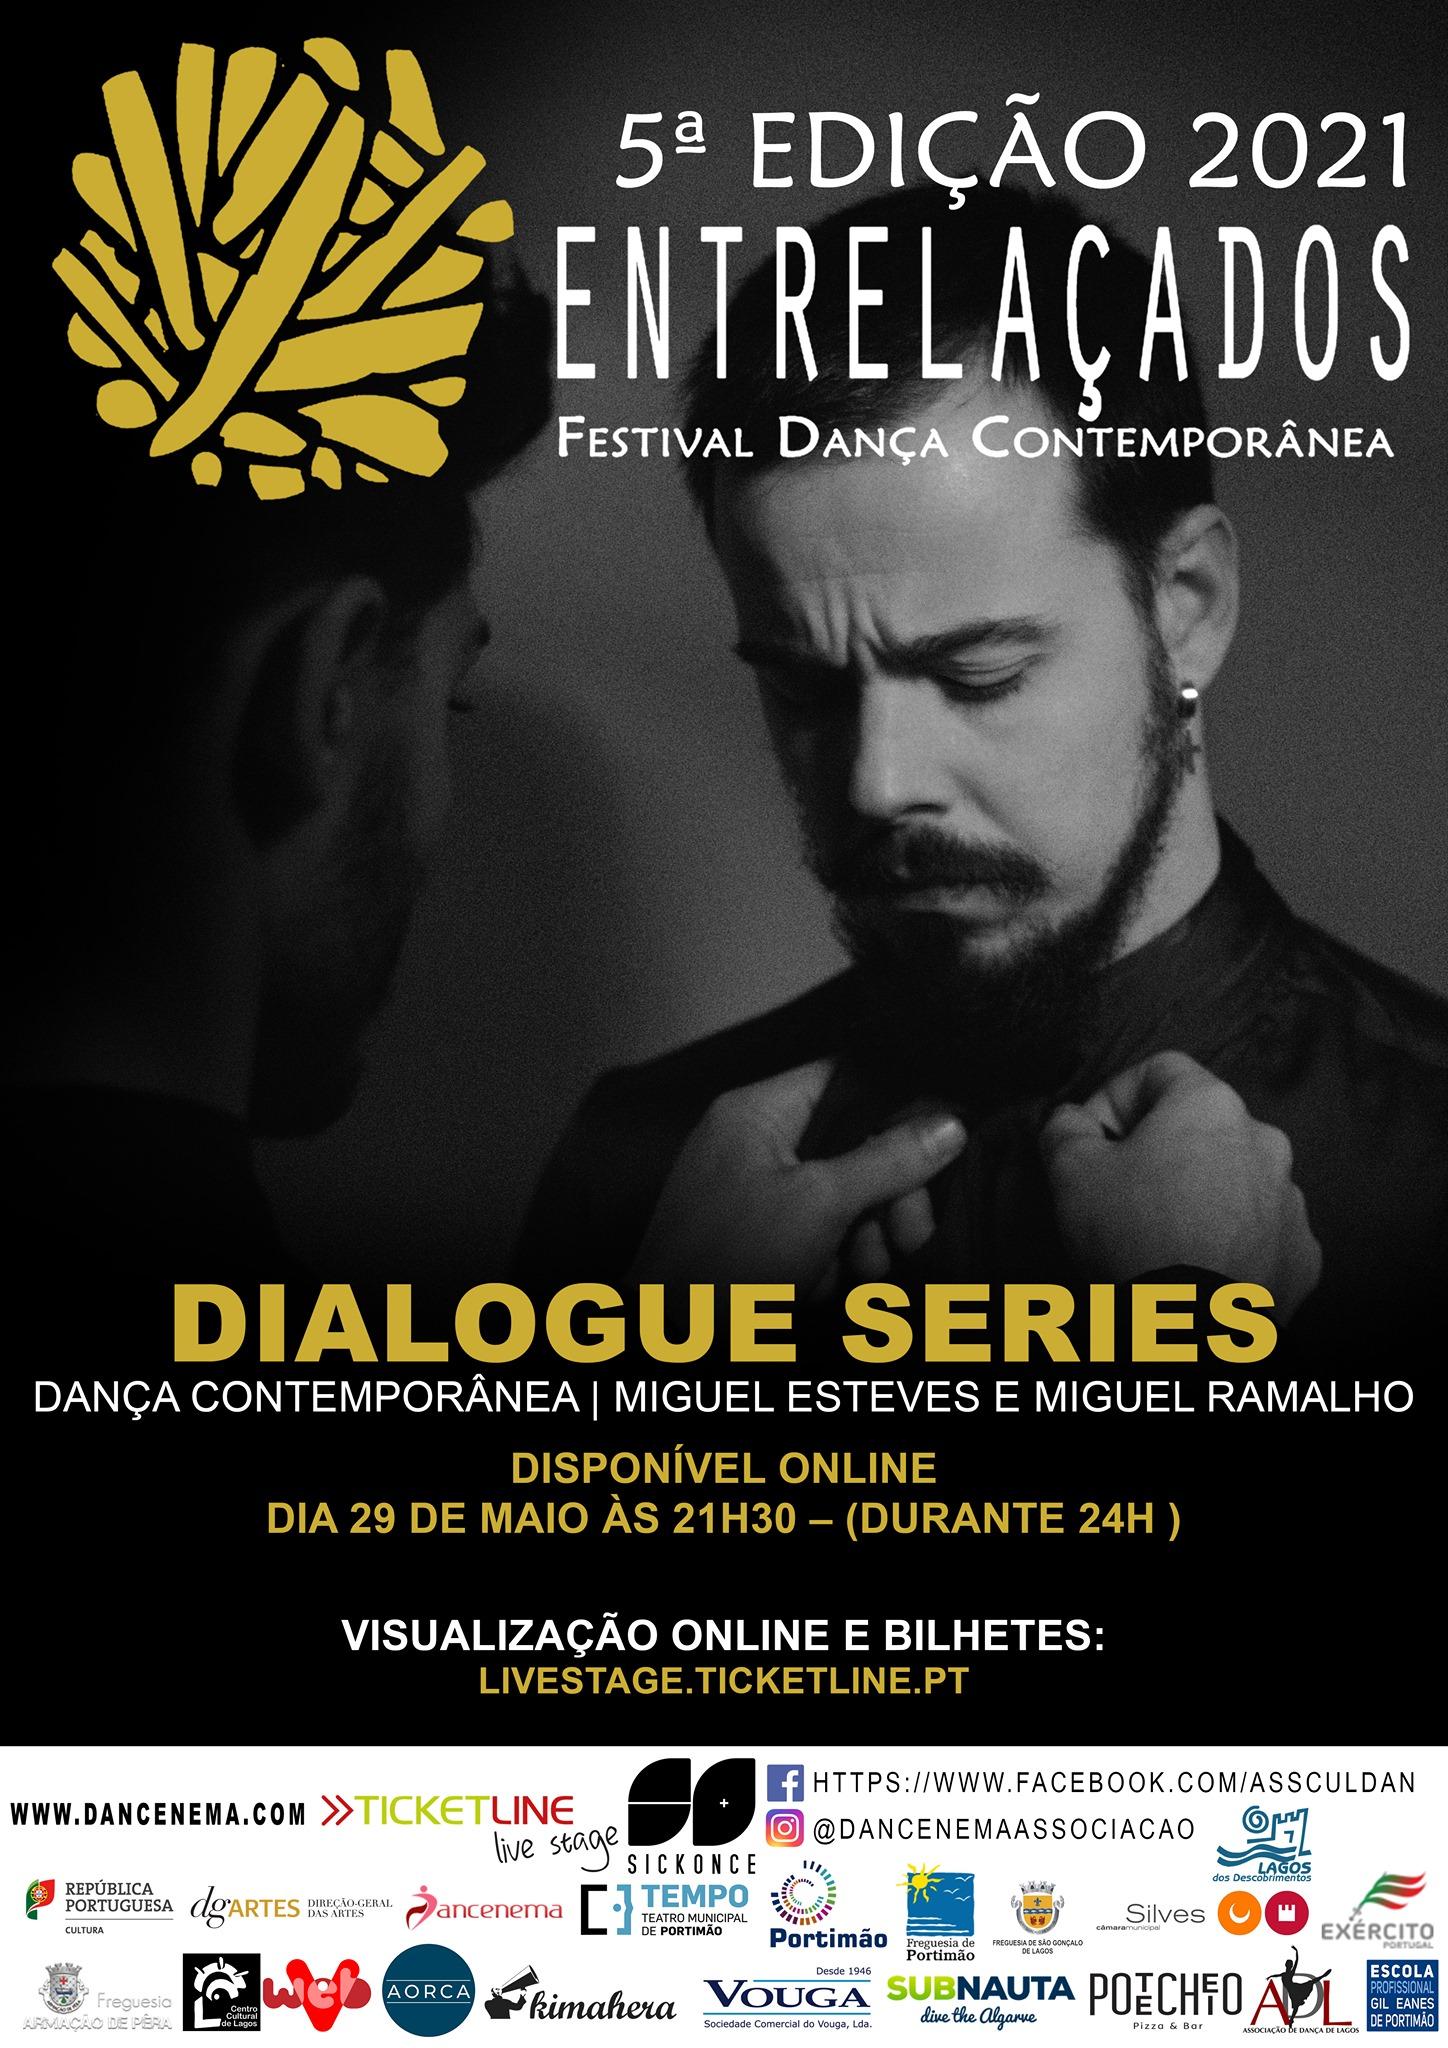 Dialogue Series